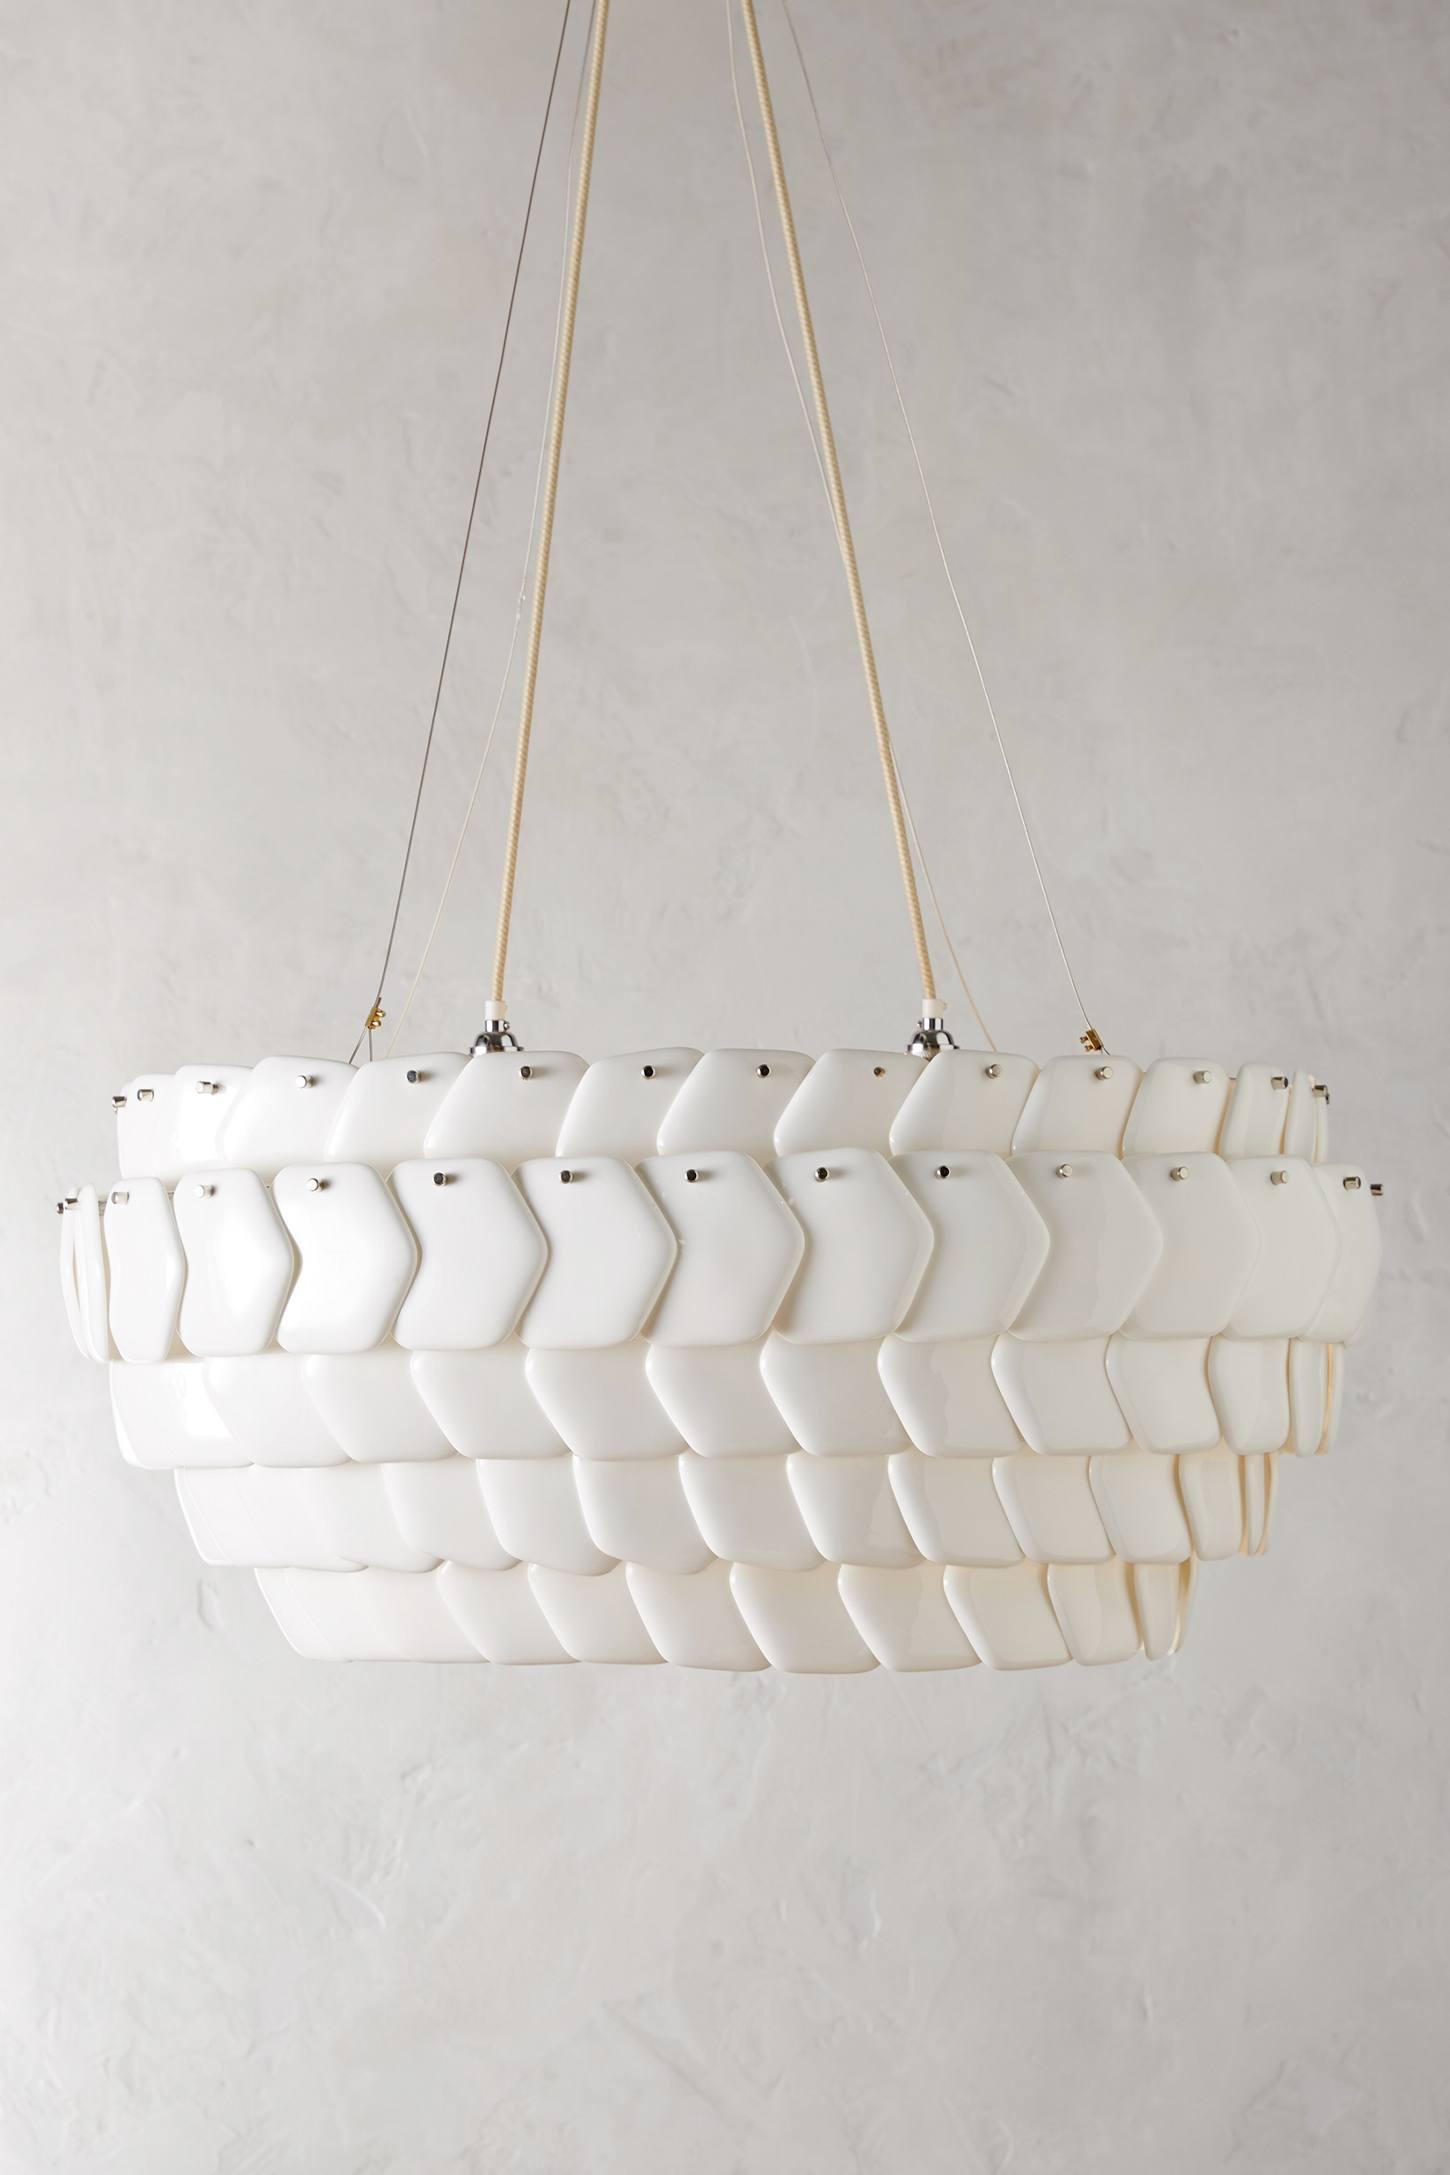 Pembridge Bone China Pendant Lamp